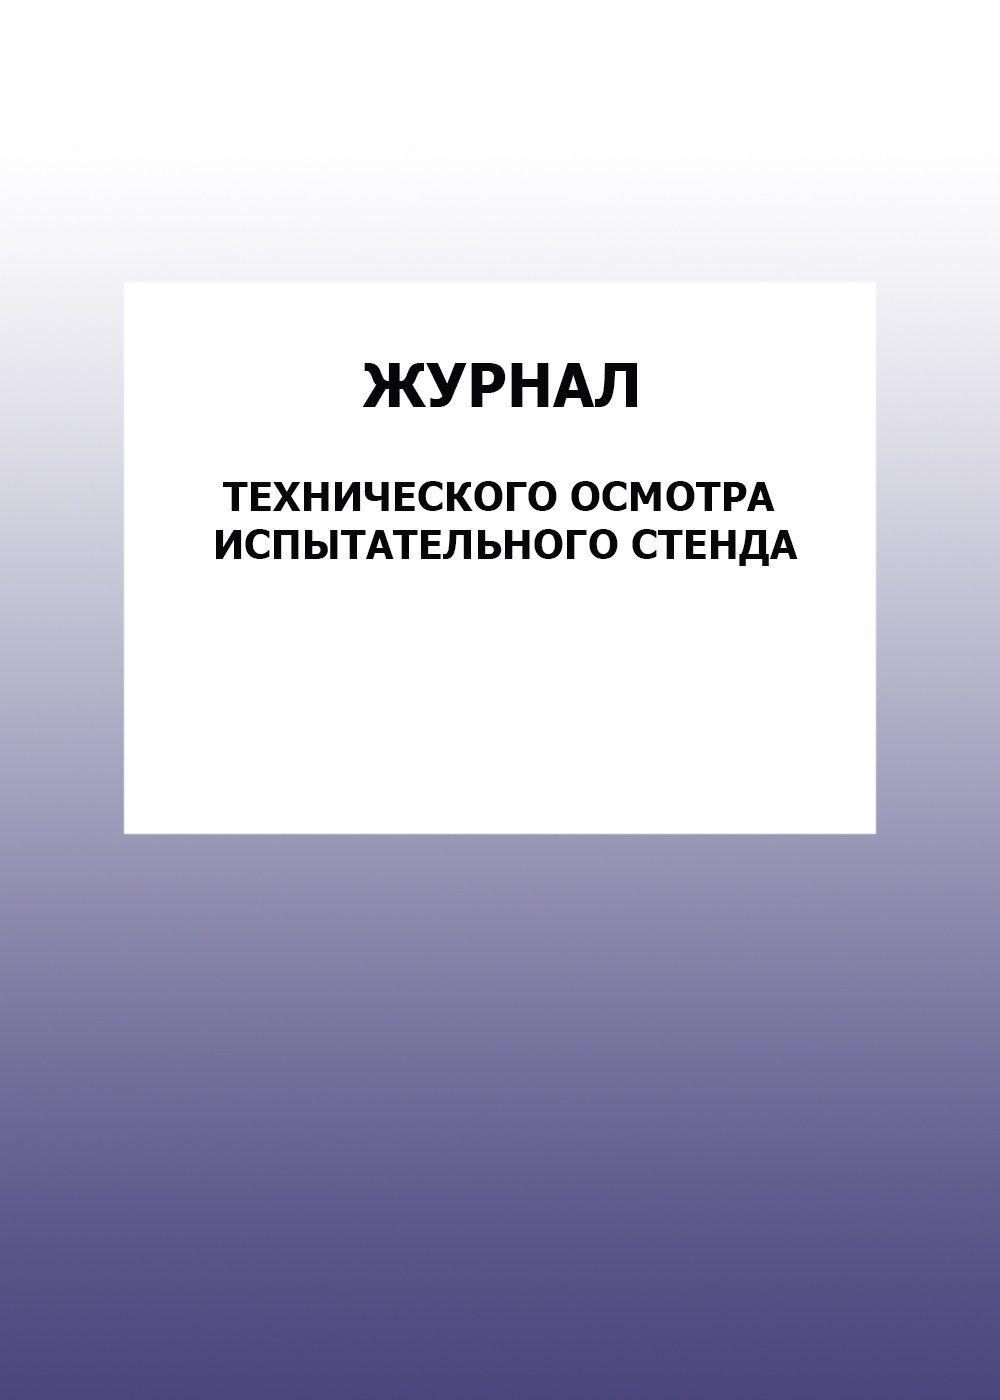 Журнал технического осмотра испытательного стенда: упаковка 100 шт.